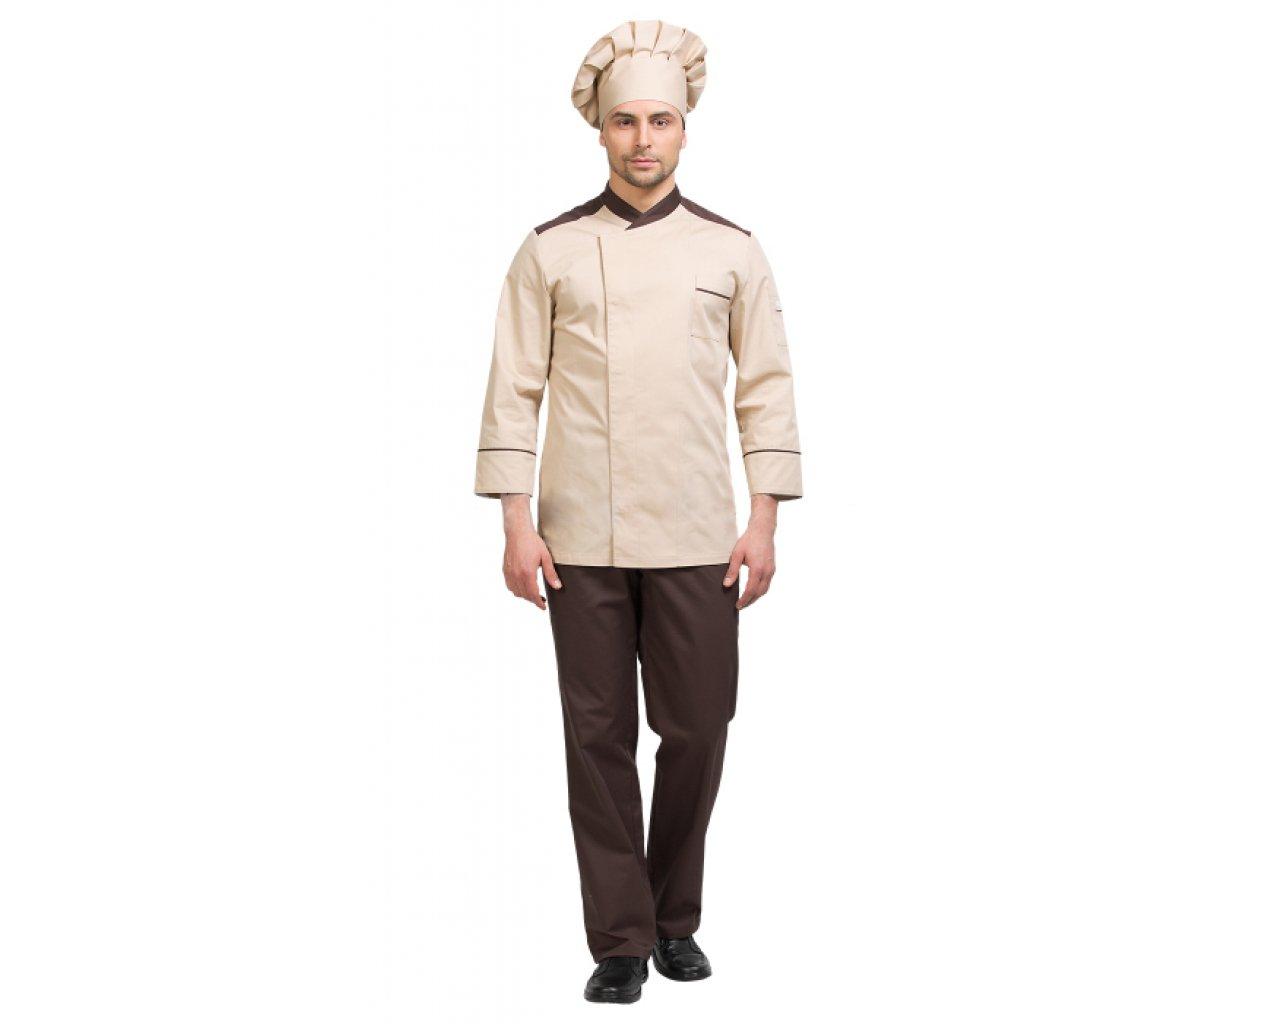 Костюм шеф-повара мужской, бежевый с коричневым